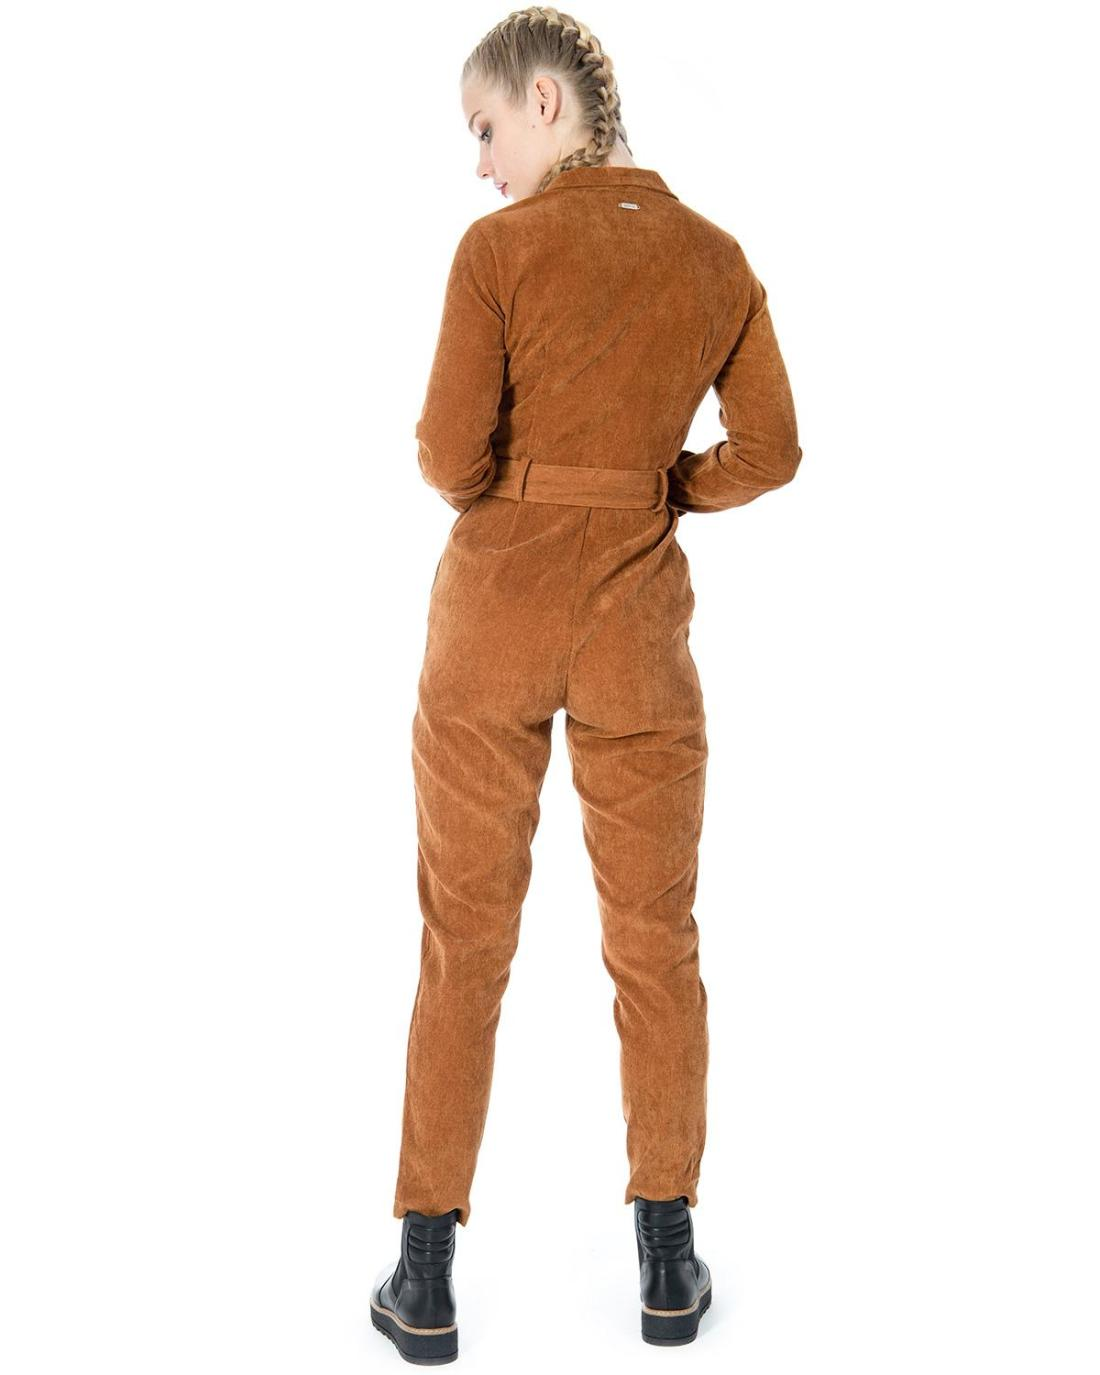 Camel jumpsuit